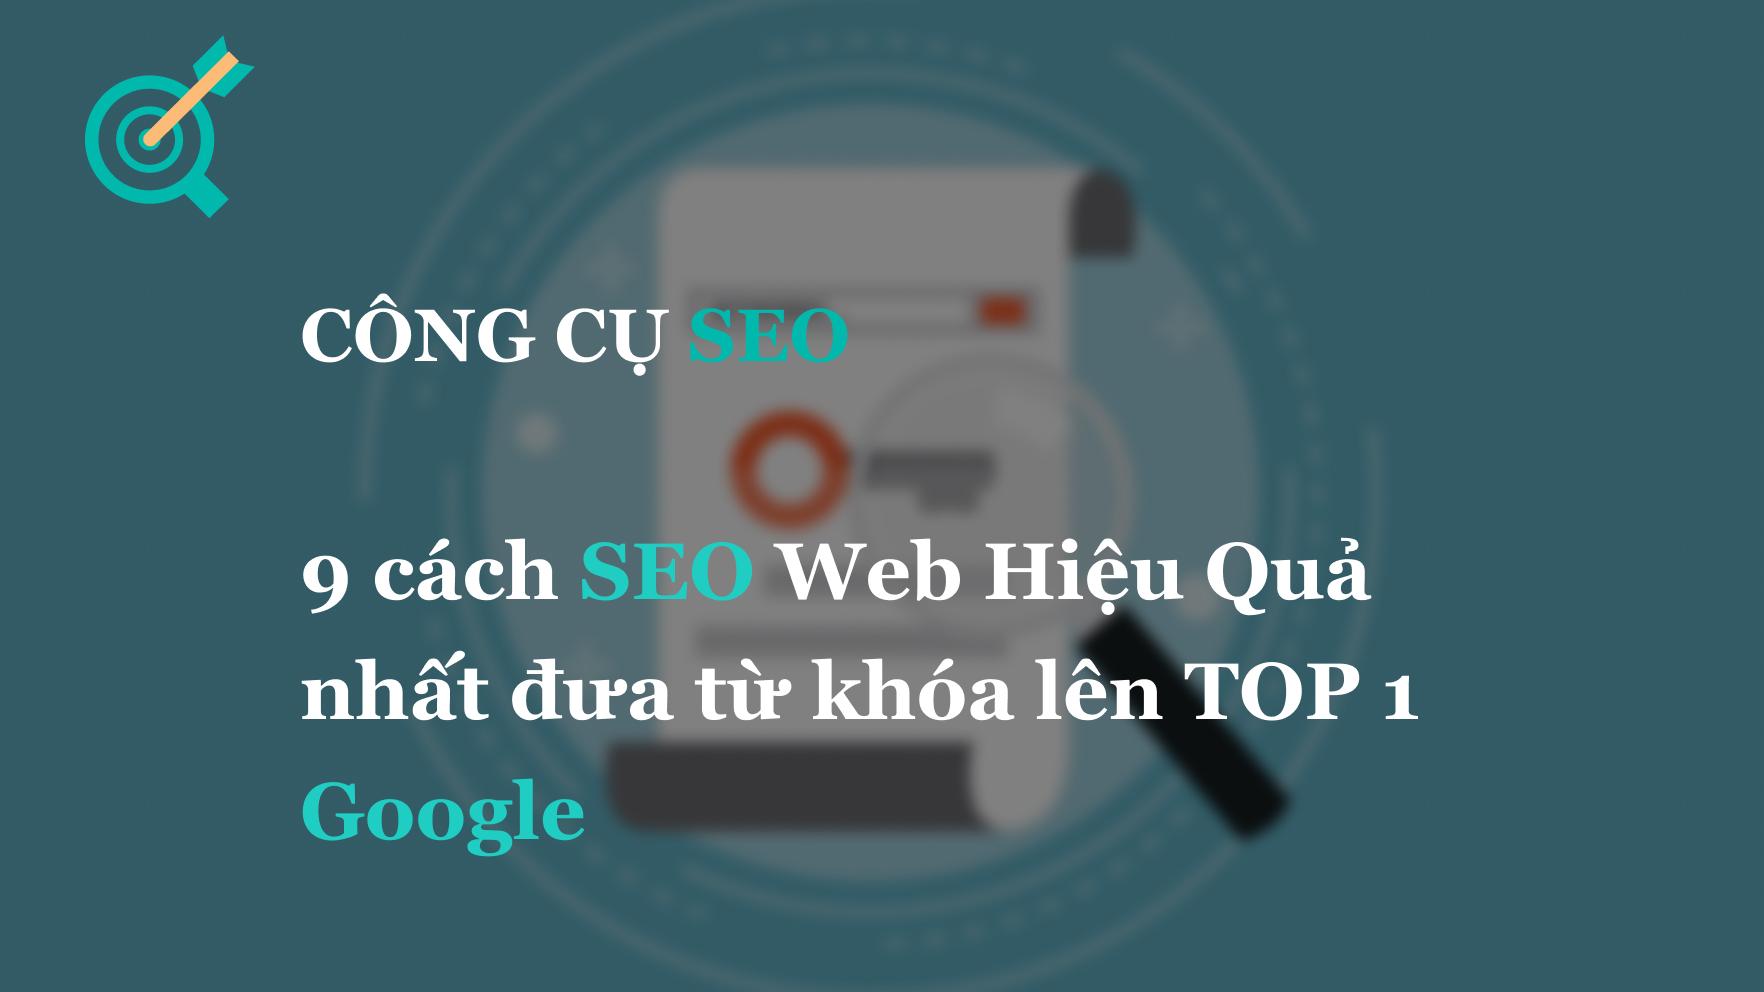 9 cách SEO Web Hiệu Quả nhất đưa từ khóa lên TOP 1 Google